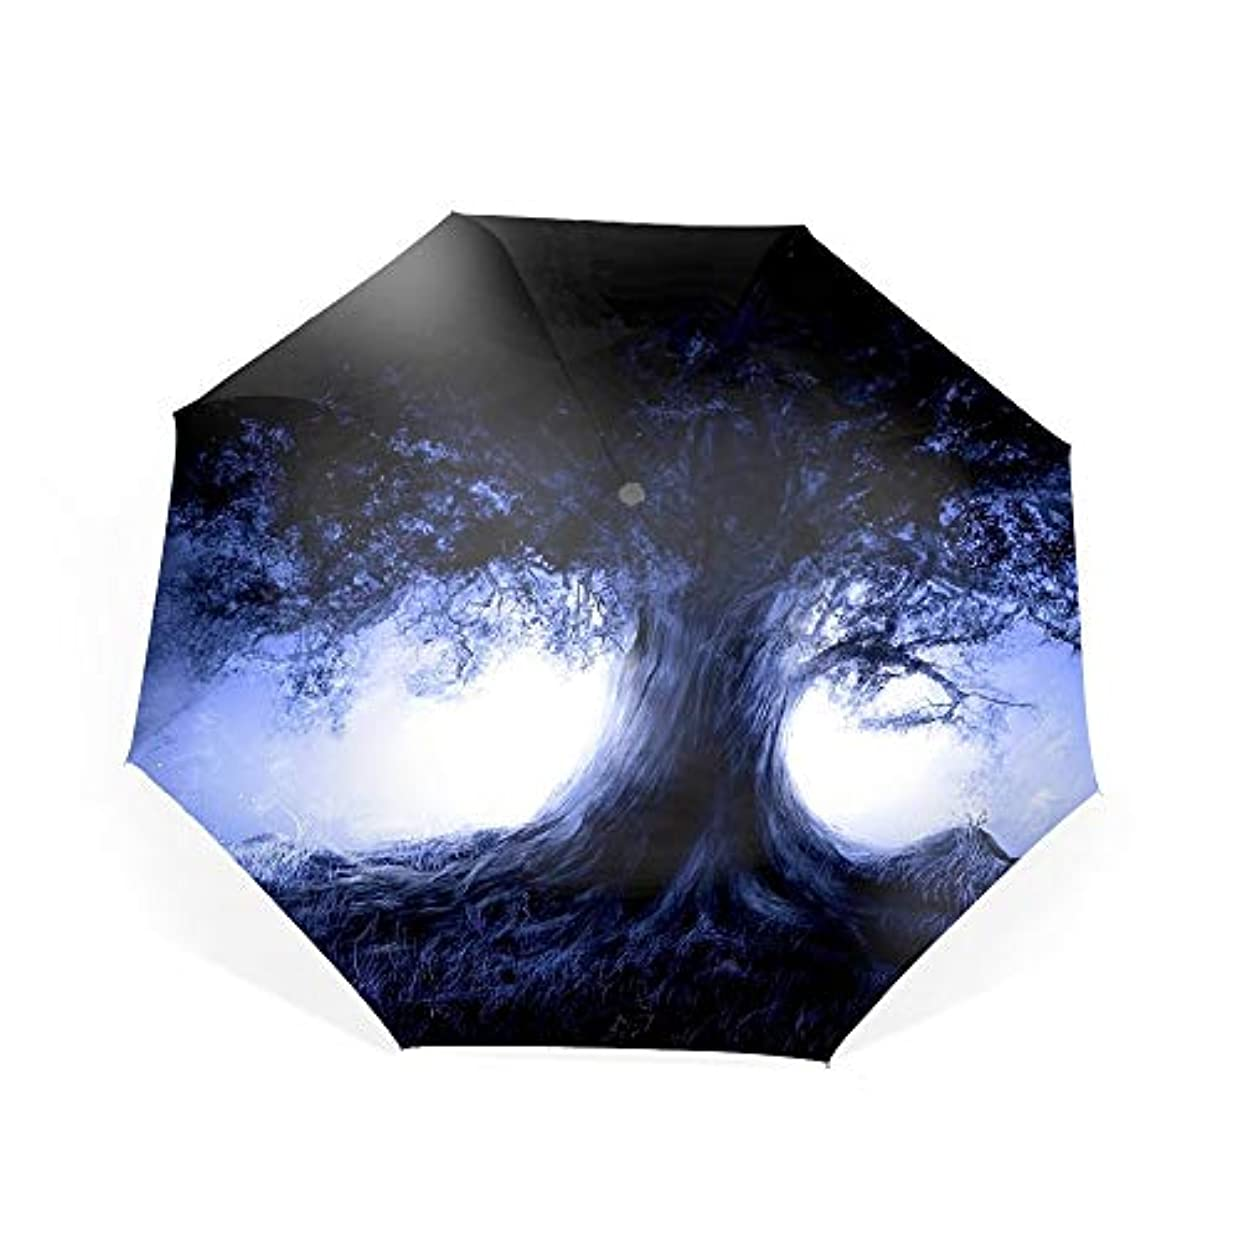 彼女自身明らかにする狭い折りたたみ傘 日傘 UVカット 晴雨兼用 軽量 古い木 防風傘 紫外線対策 スカイスター傘 ポータブル レディース